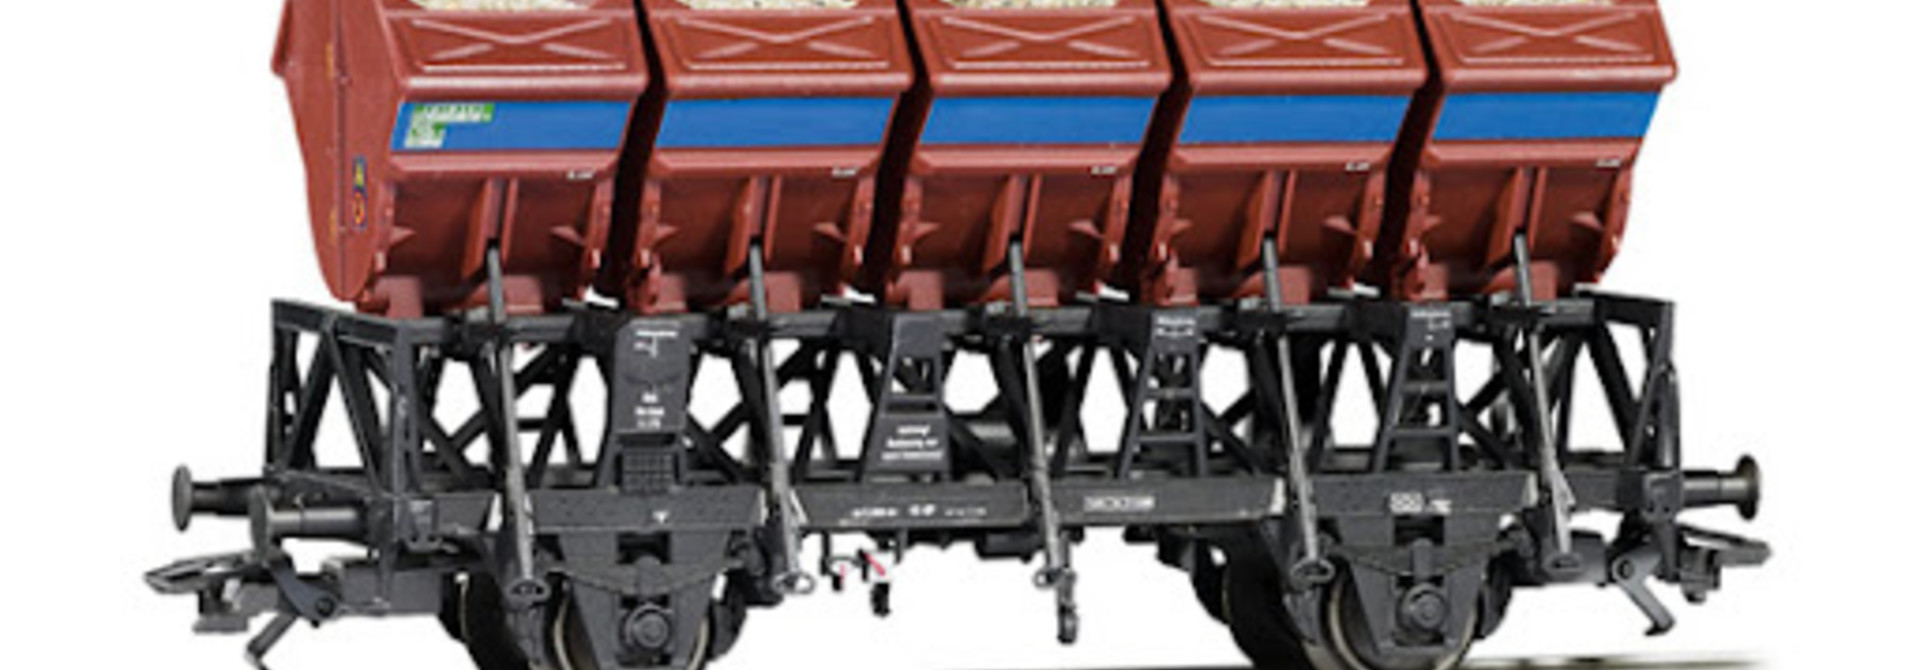 46354 schotterwagen van de DB - Eurotrain exlusief